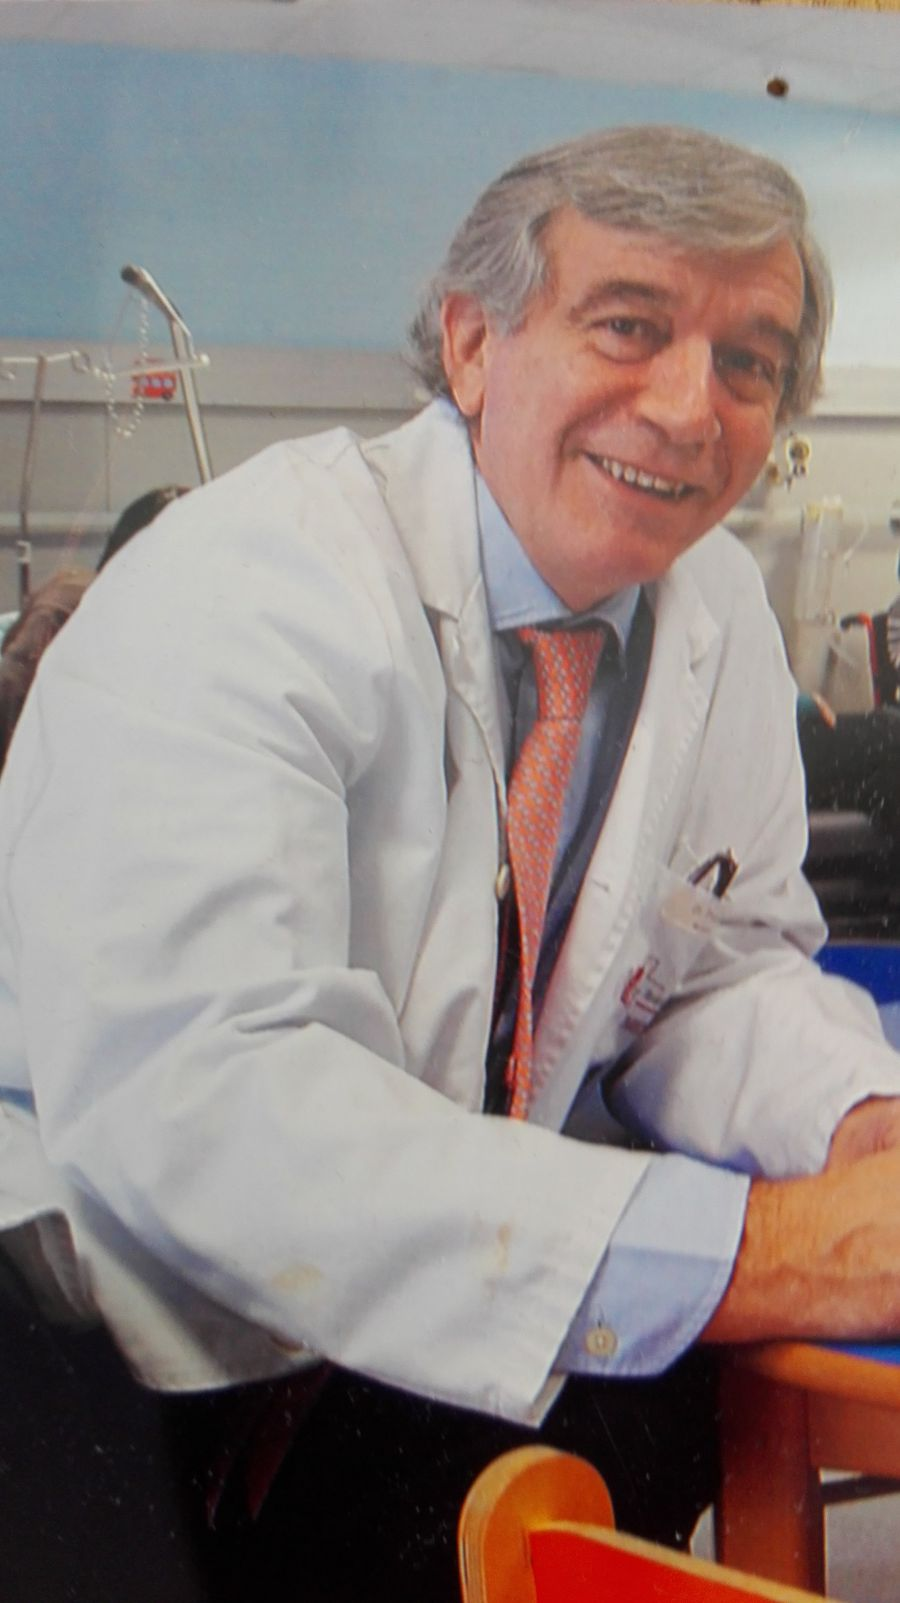 El navarro Javier Molina, nombrado socio de honor de la Asociación Española de Pediatría